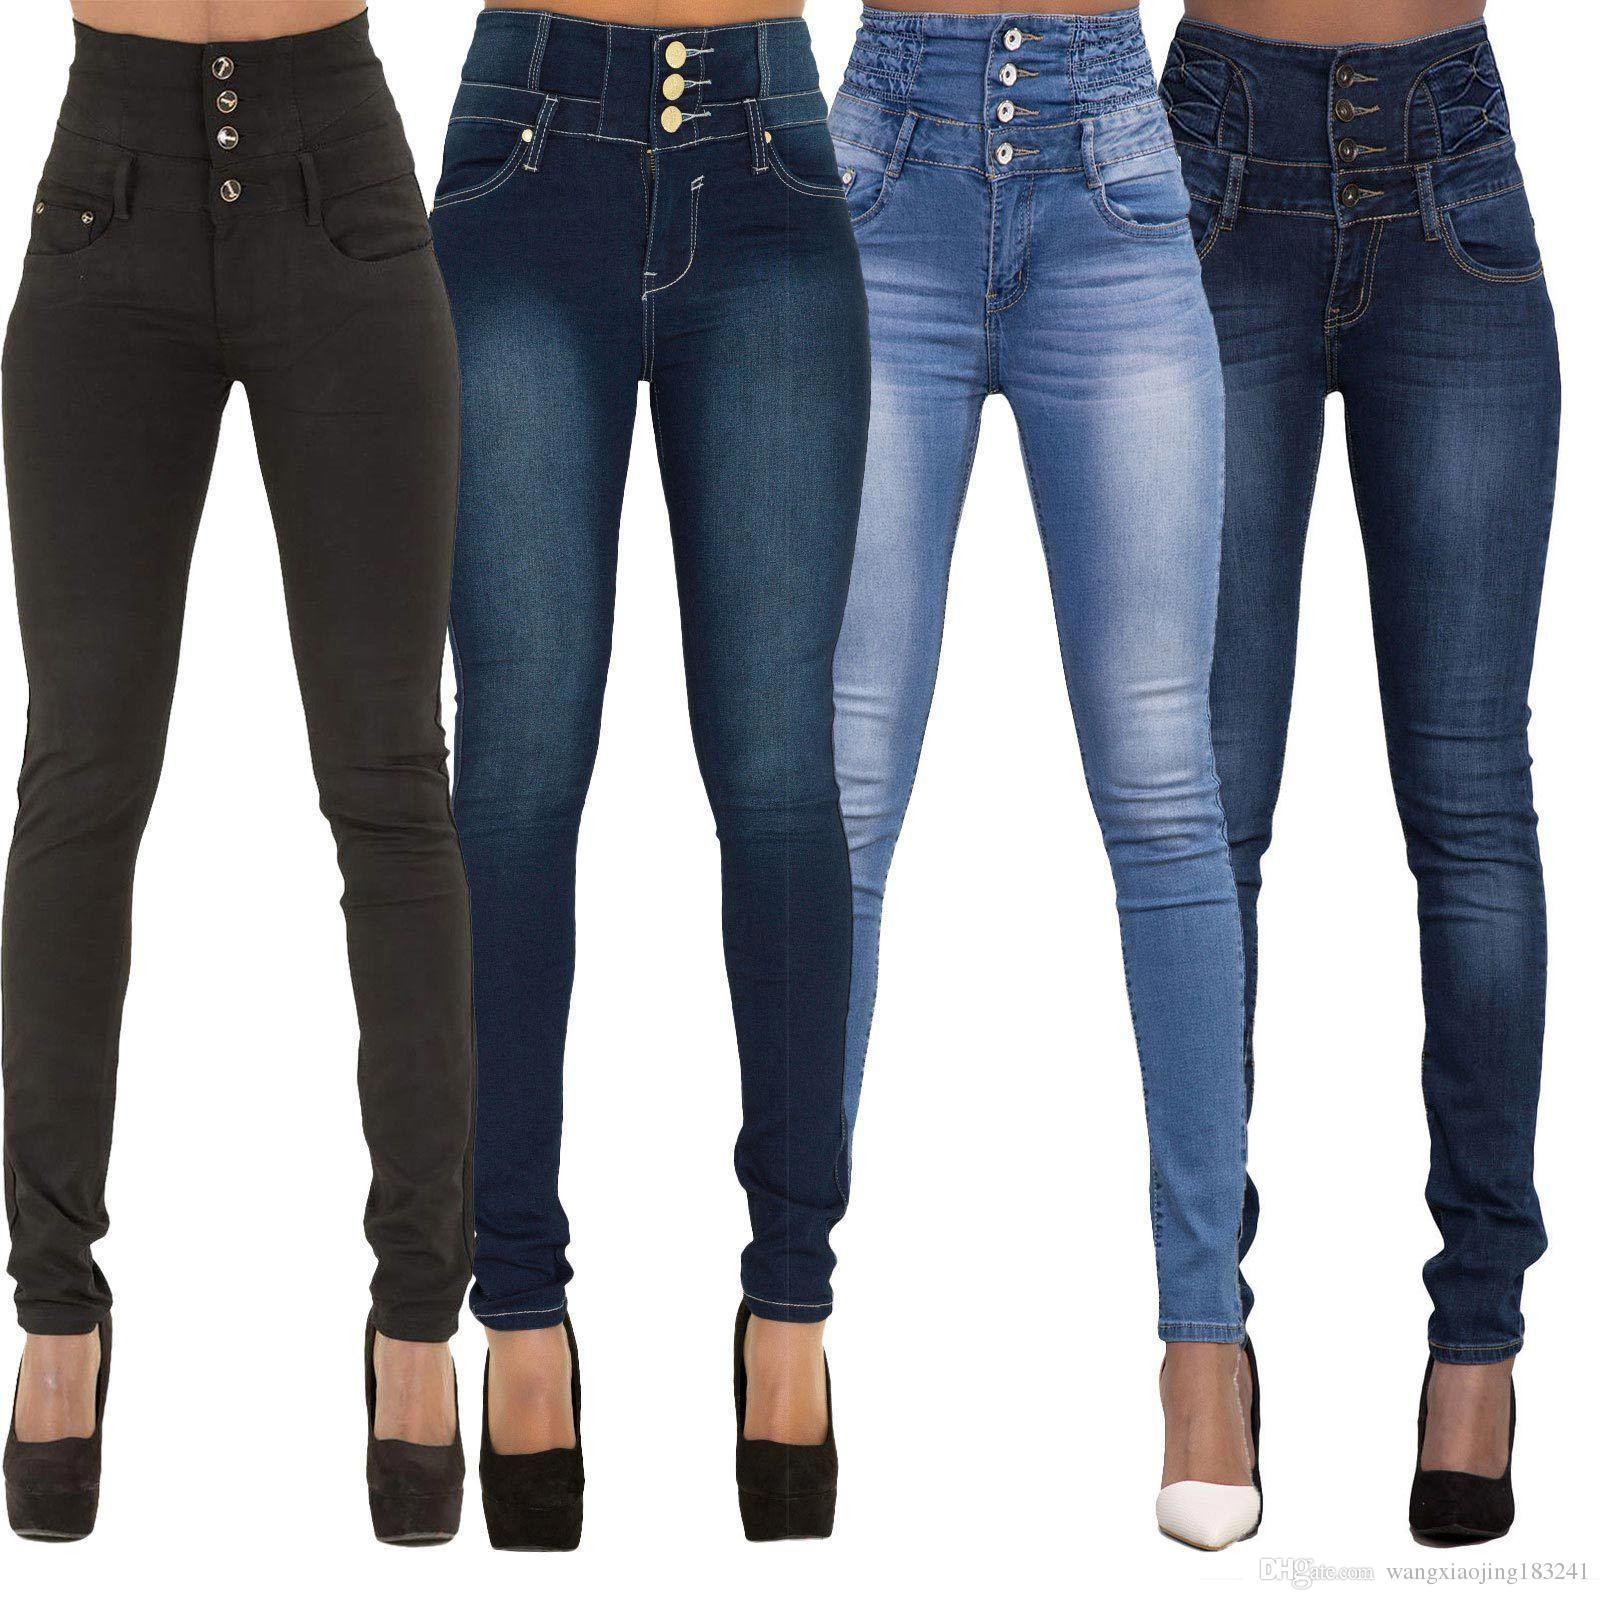 Compre Pantalones De Mezclilla Jeggings Jeggings De Mezclilla Para Mujer A 19 39 Del Wangxiaojing183241 Dhgate Com